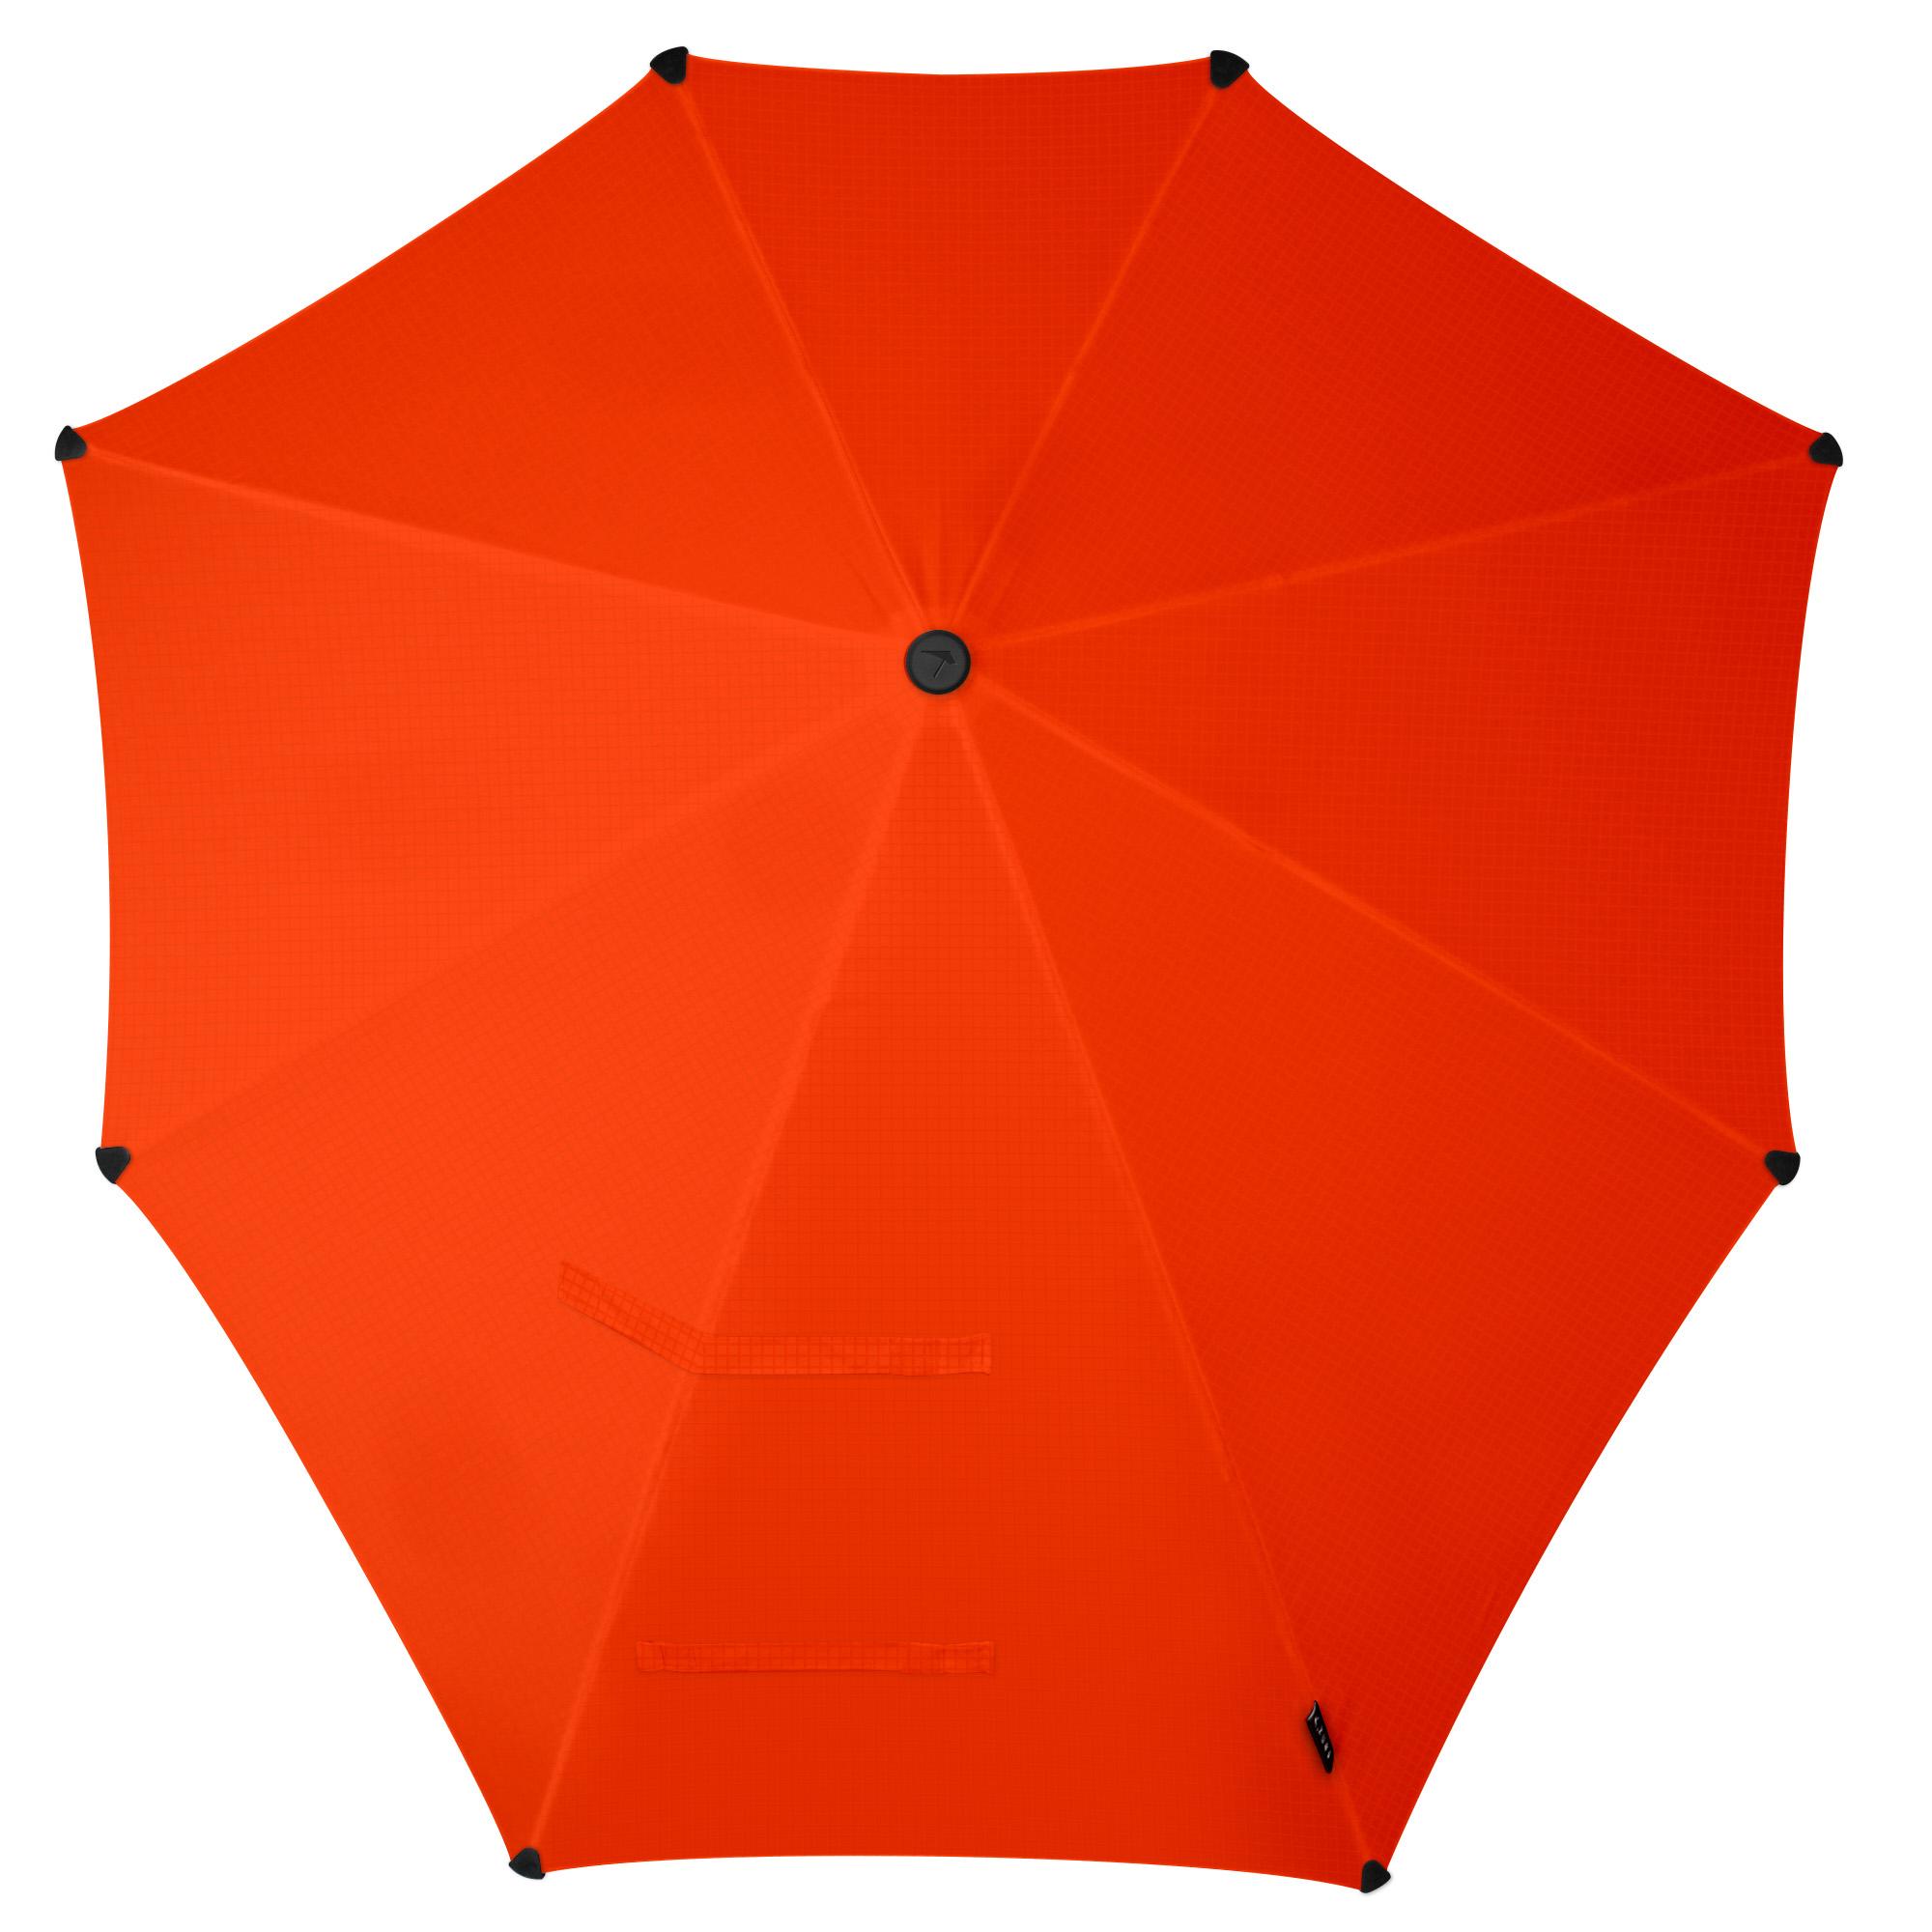 Зонт-трость Senz, цвет: оранжевый. 20110692011069Зонт-трость Senz - инновационный противоштормовый зонт, выдерживающий любую непогоду. Форма купола продумана так, что вы легко найдете самое удобное положение на ветру - без паники и без борьбы со стихией. Закрывает спину от дождя. Благодаря своей усовершенствованной конструкции, зонт не выворачивается наизнанку даже при сильном ветре. Модель Senz Original выдержала испытания в аэротрубе со скоростью ветра 100 км/ч. Характеристики: тип - трость, выдерживает порывы ветра до 100 км/ч, УФ-защита 50+, удобная мягкая ручка, безопасные колпачки на кончиках спиц, в комплекте прочный чехол из плотной ткани с лямкой на плечо, гарантия 2 года.